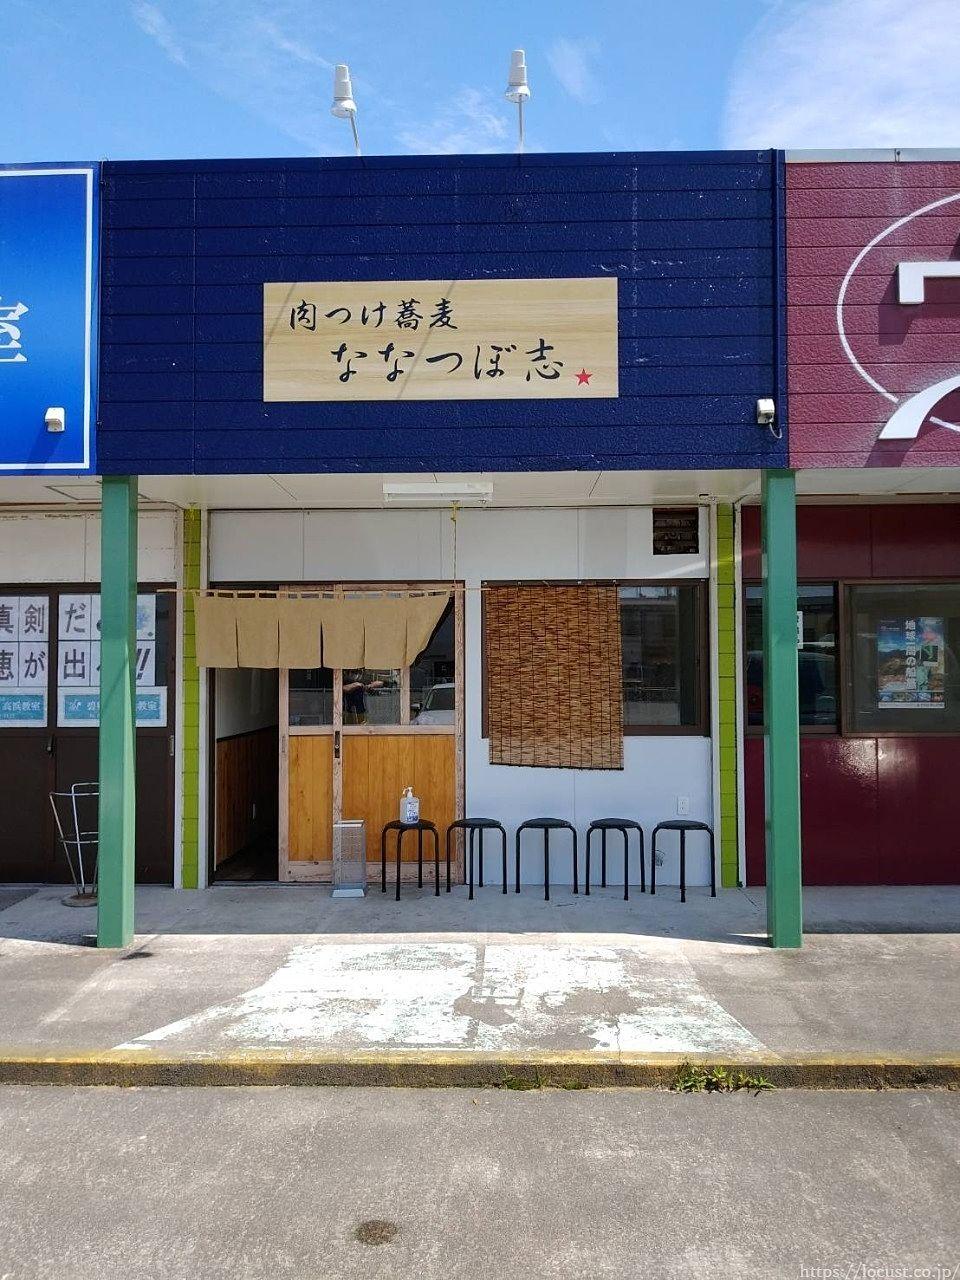 高浜市神明町 肉つけ蕎麦「ななつぼ志」新規オープン!マスコミ各社の皆さん!取材一番乗りのチャンスです!